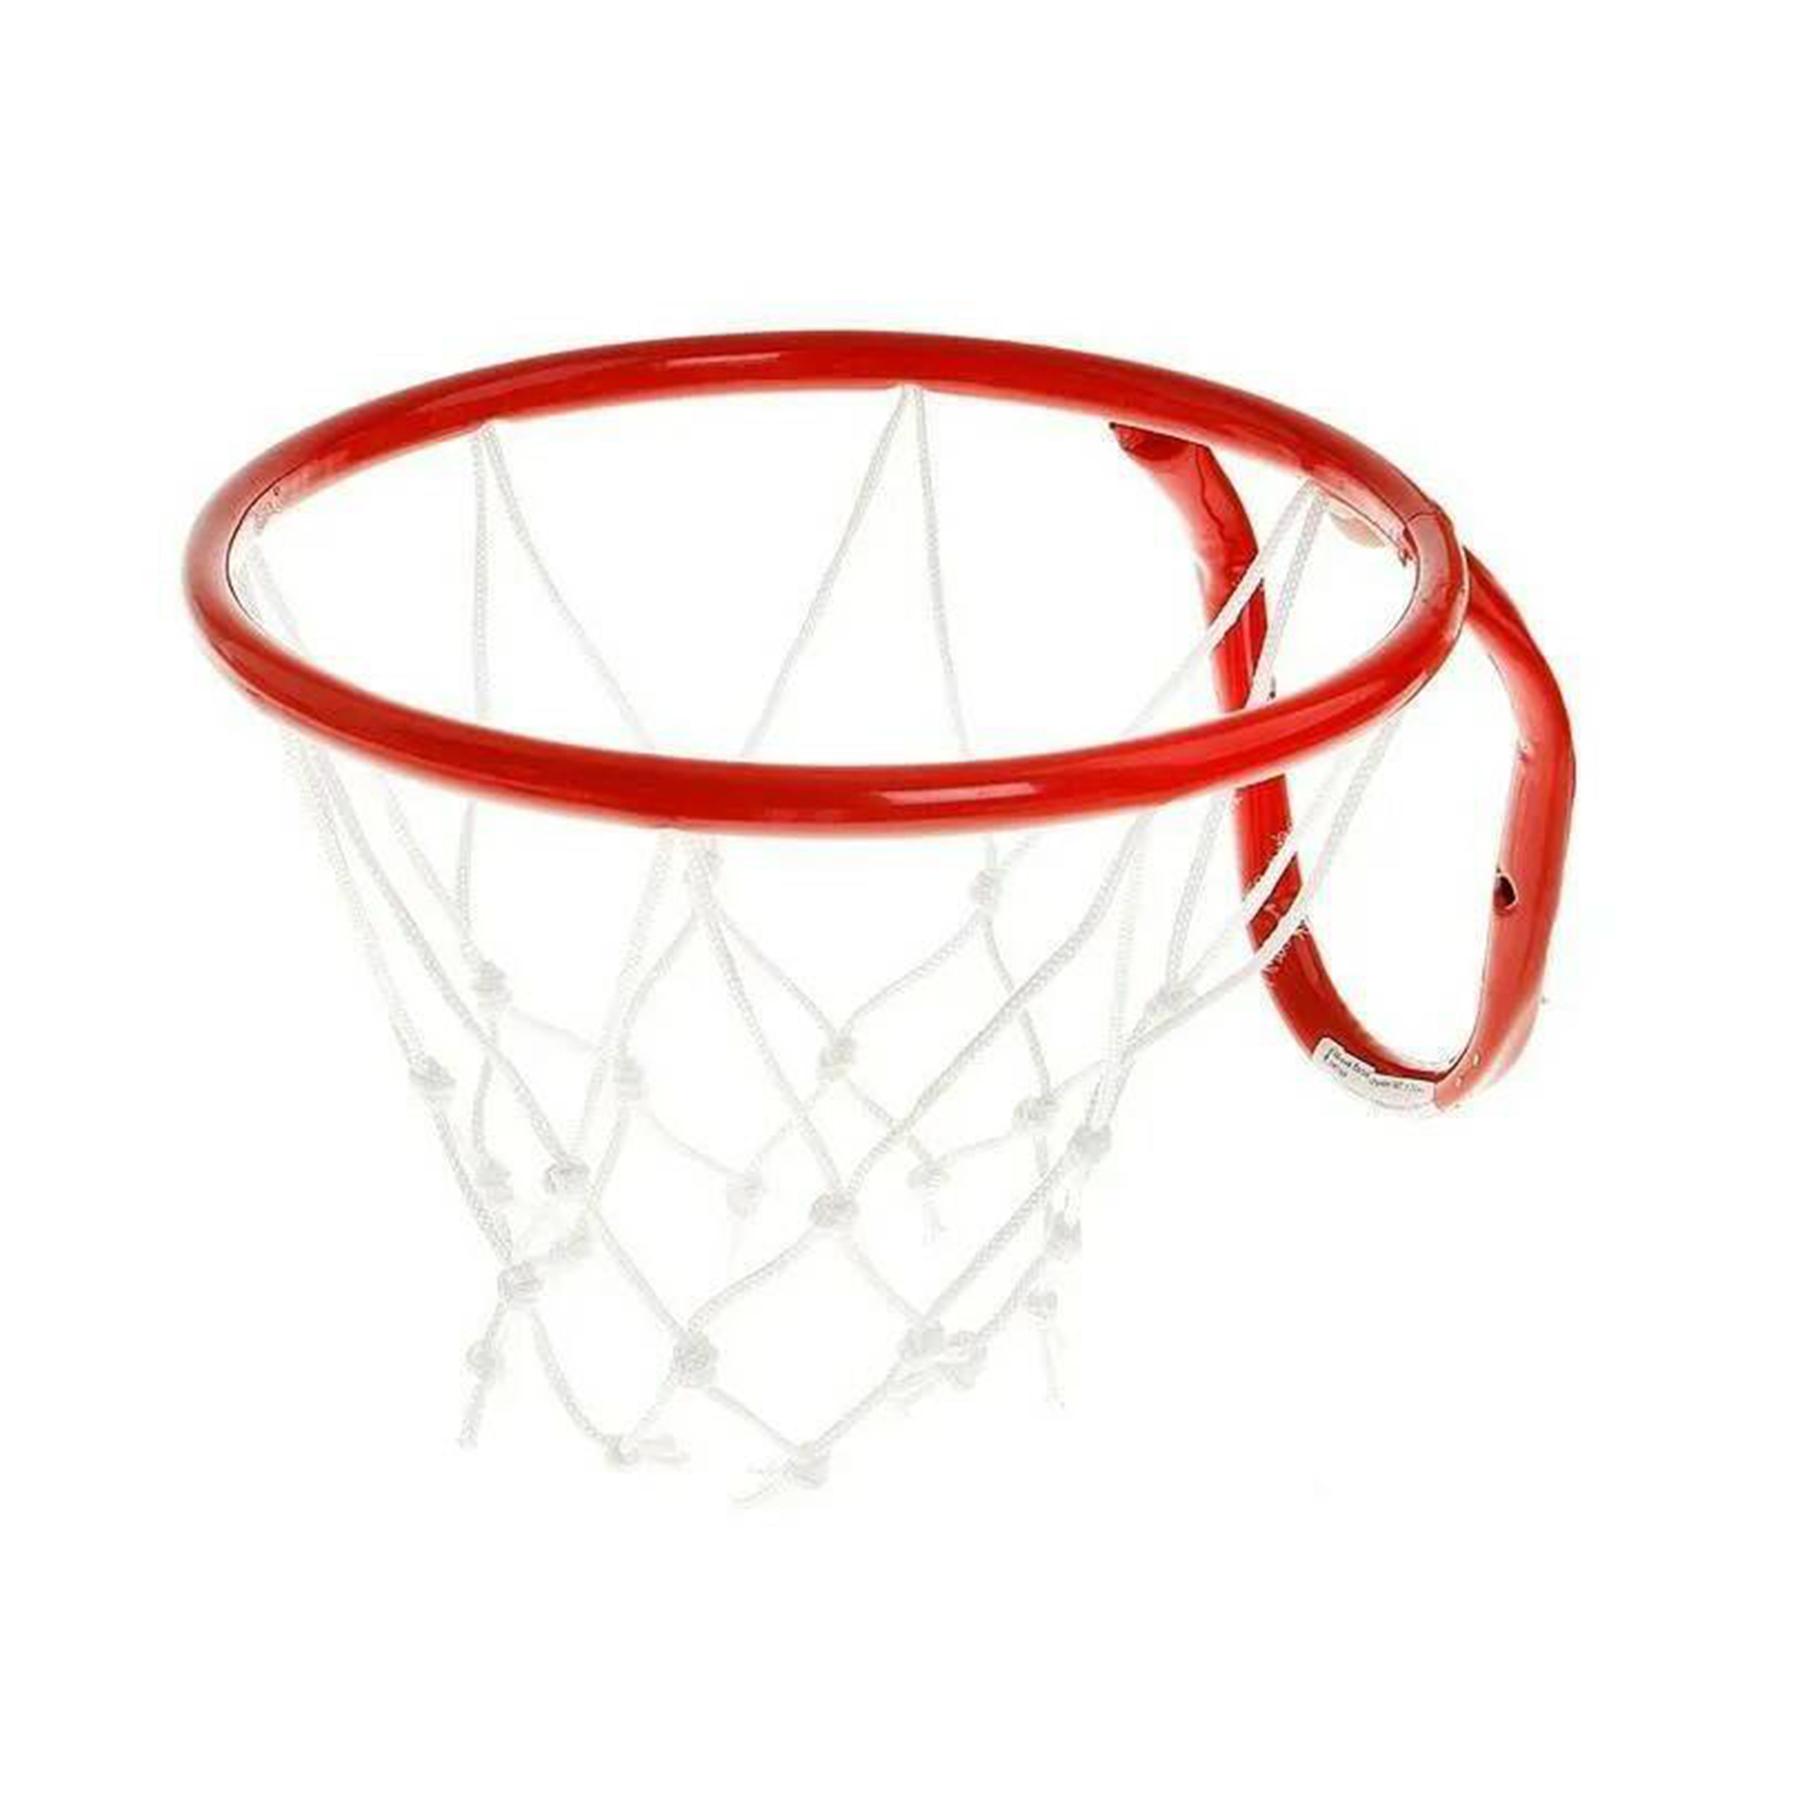 Кольцо баскетбольное d=380 mm с сеткой №5 к